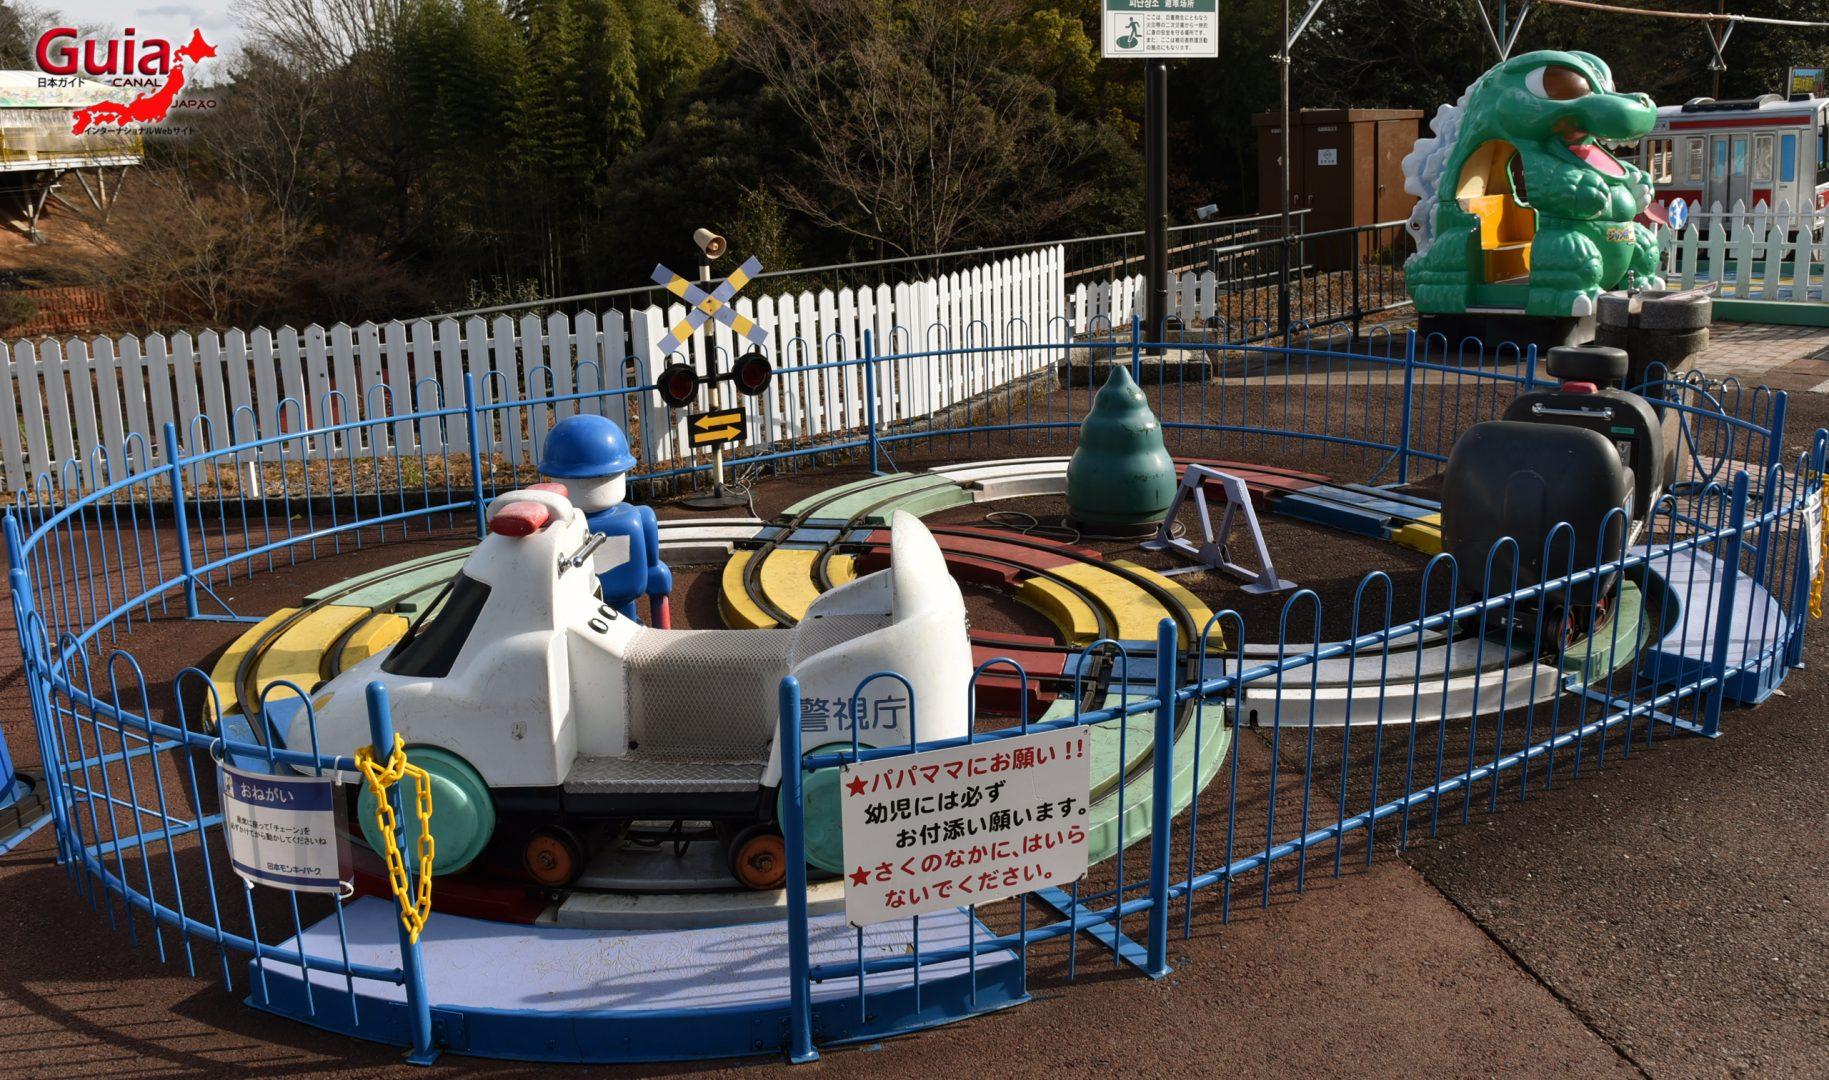 游乐园-日本猴子公园14